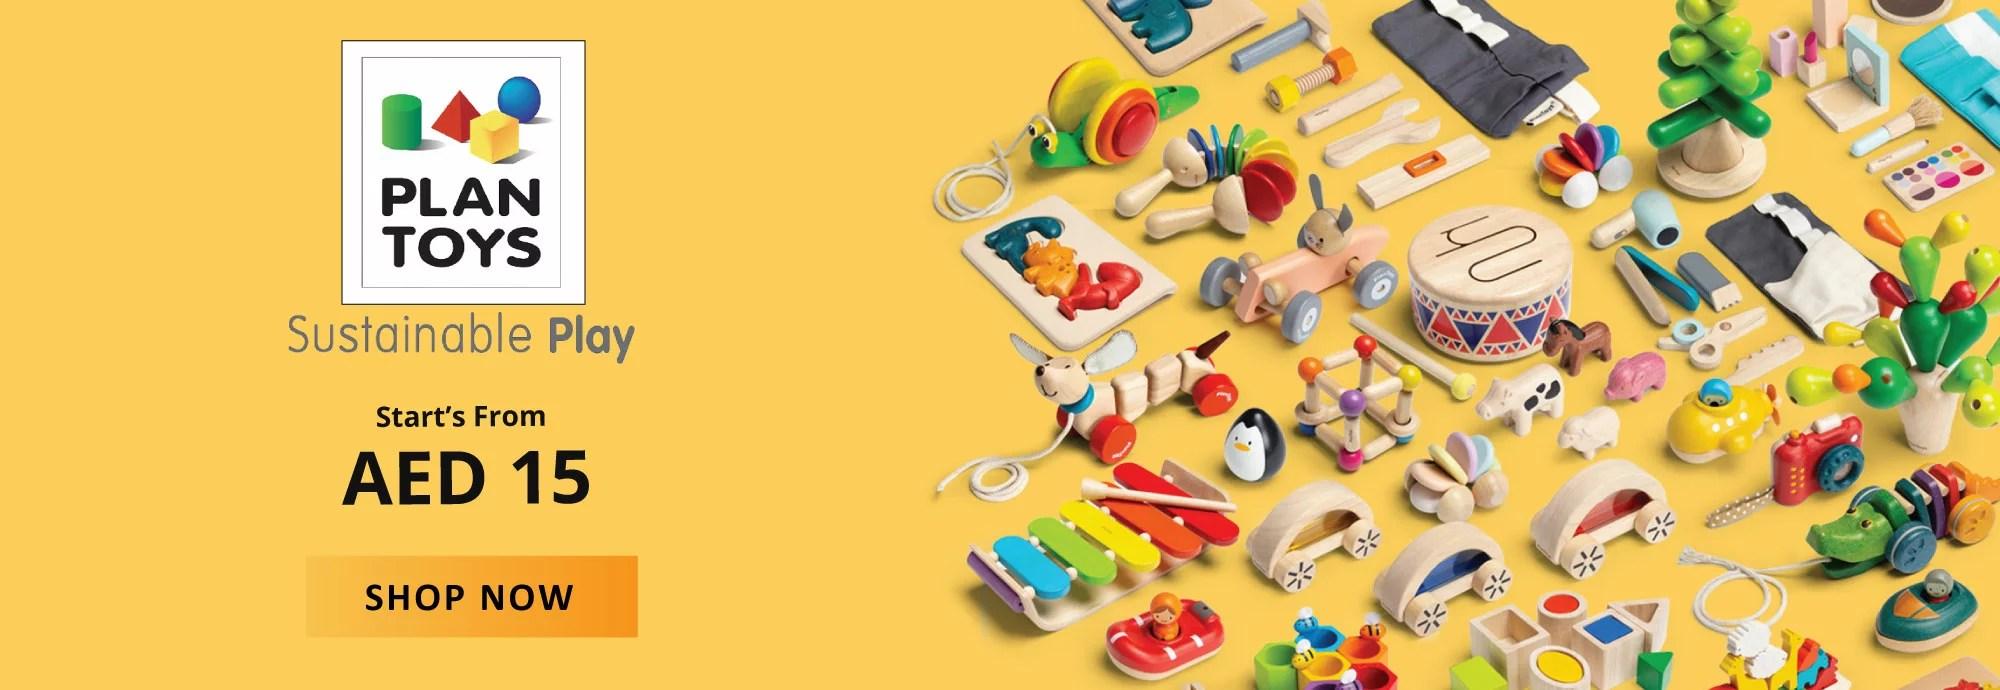 Plan-Toys-dubai